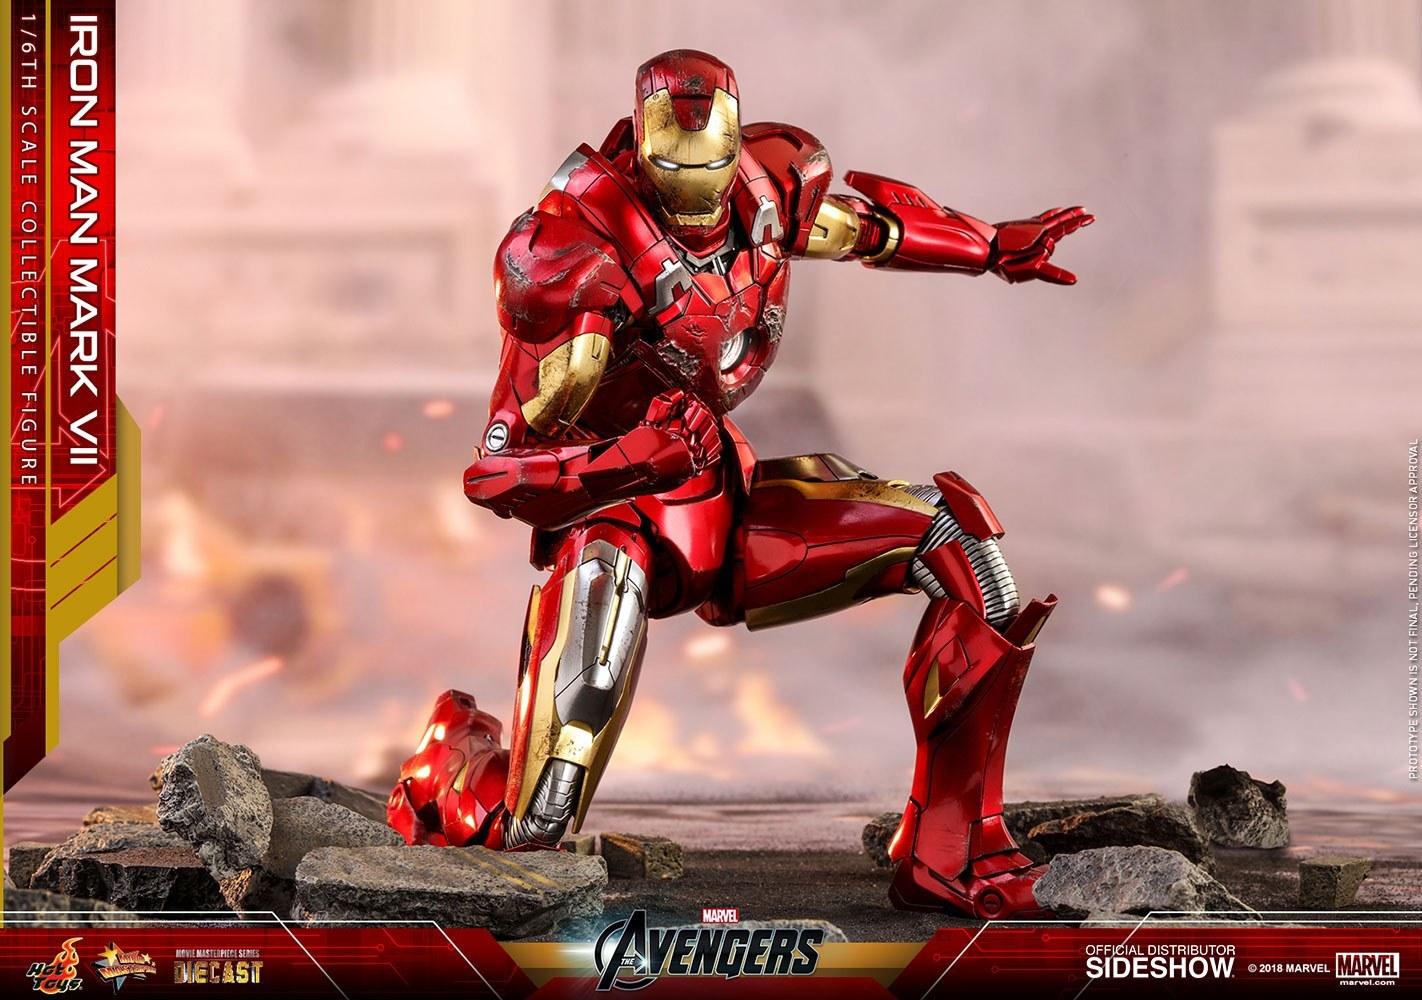 تصویر اکشن فیگور آیرون من Iron Man Mark Vii هات تویز